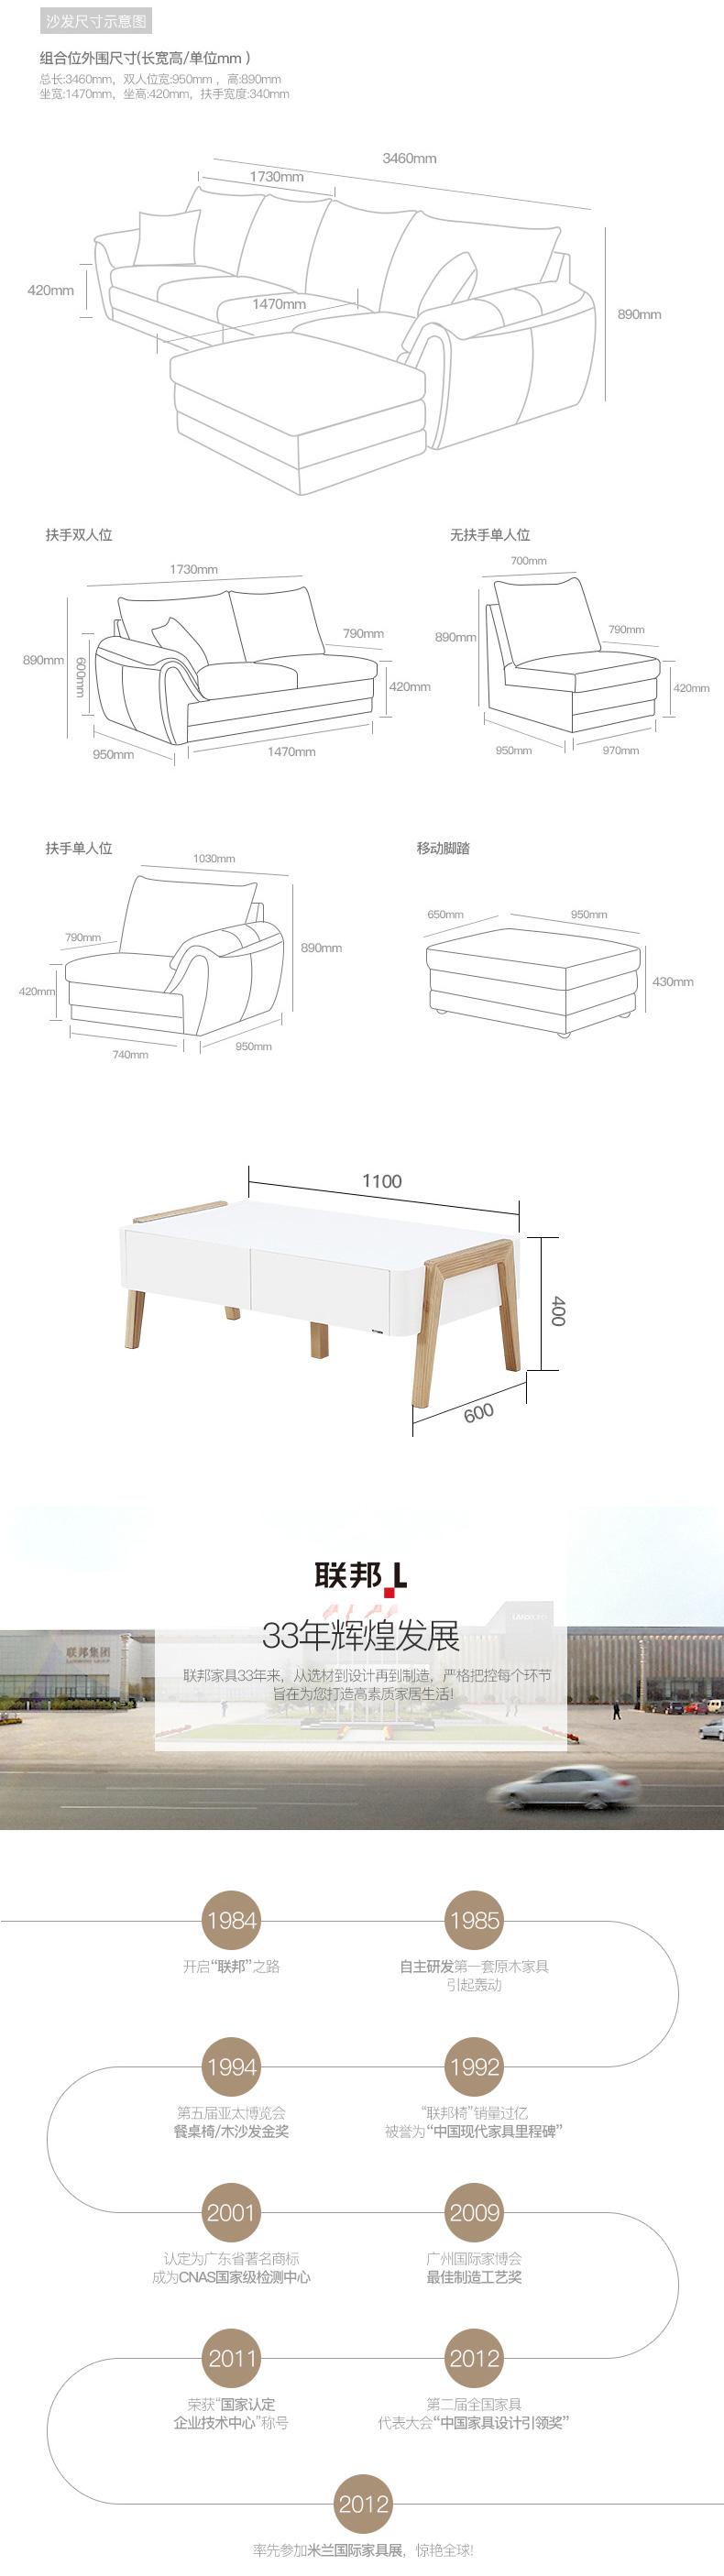 联邦家具-客厅布艺沙发茶几组合_15.jpg